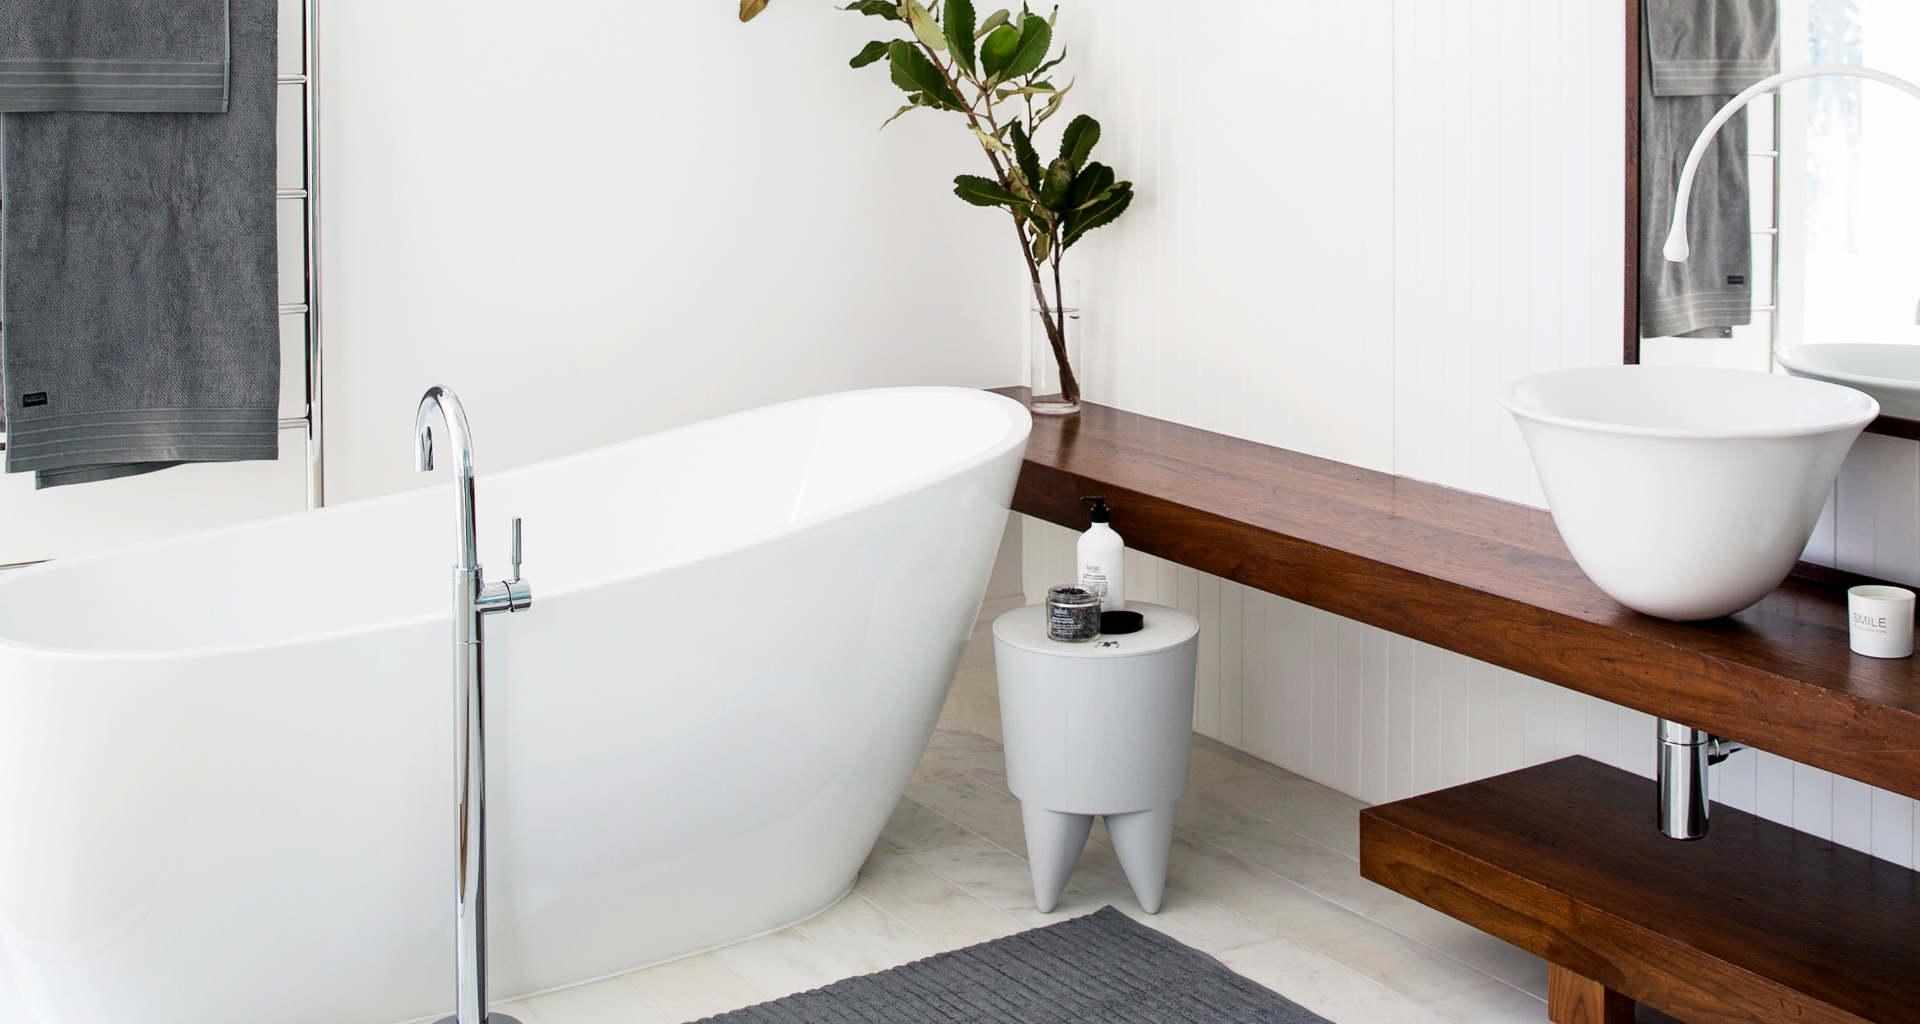 Potrebujeto novo kopalnico? Pomagali vam bomo najti pravega mojstra za prenovo ali izdelavo kopalnice